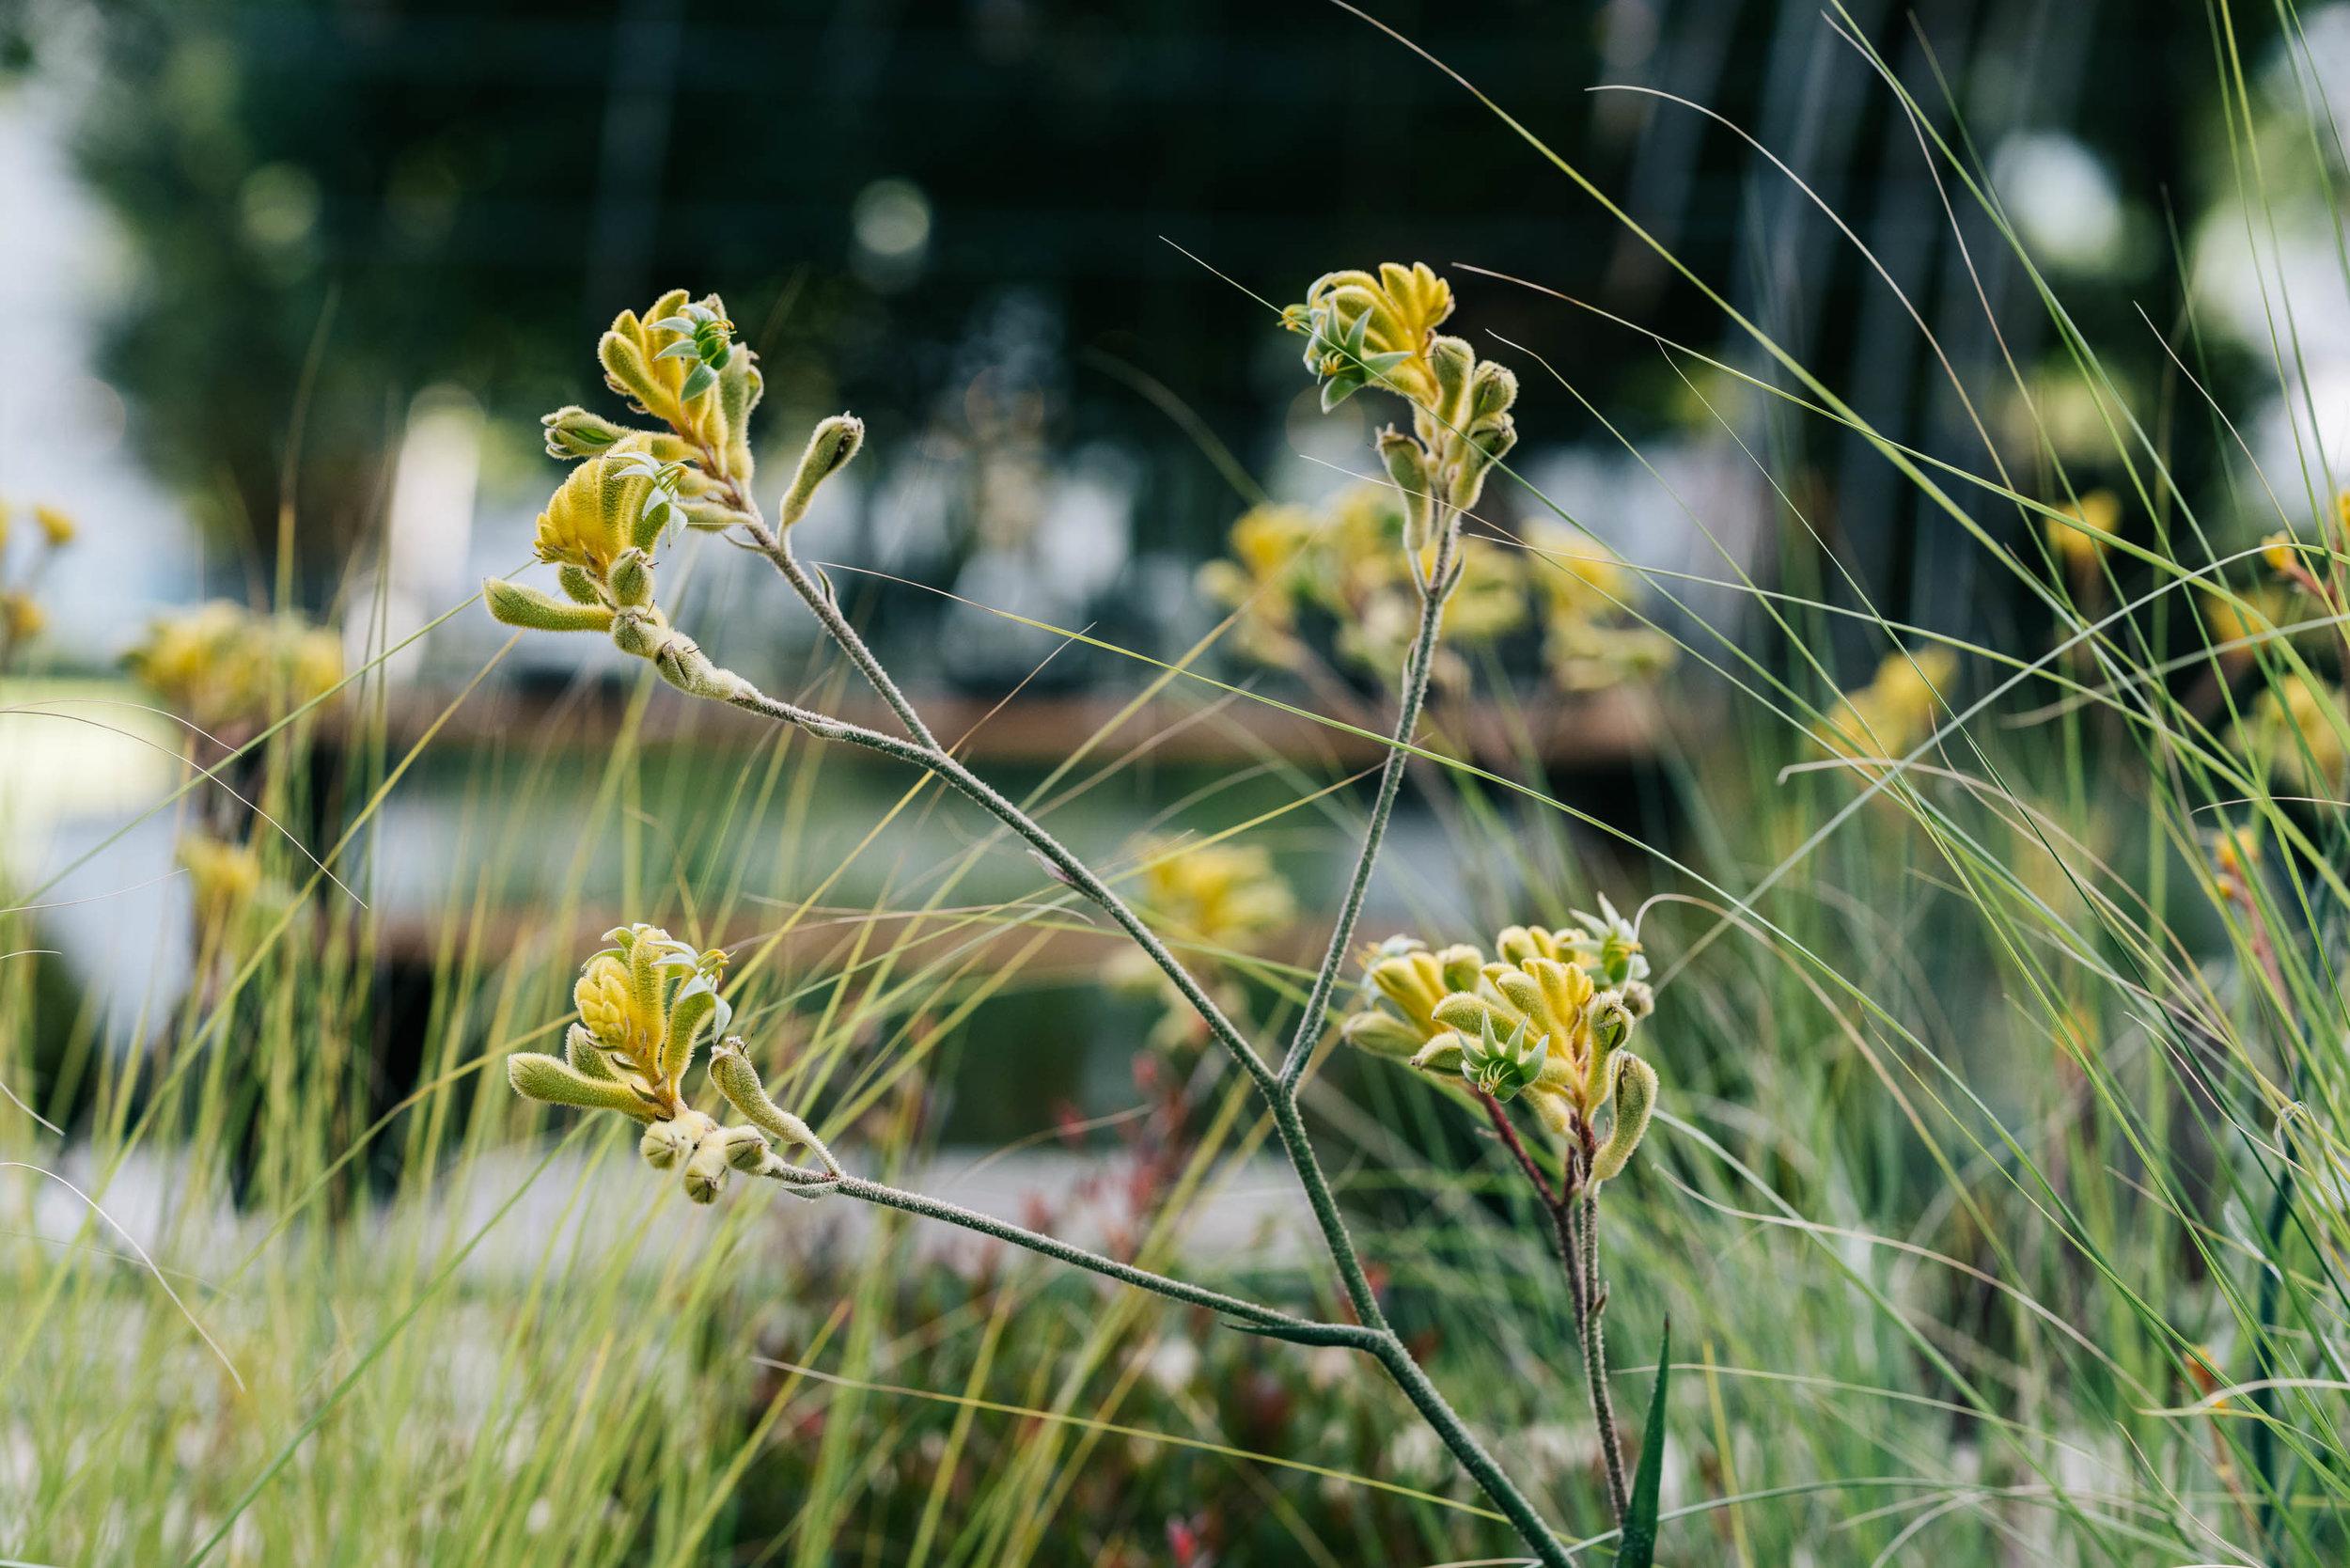 Melbourne landscape photographer Marnie Hawson for Melbourne International Flower & Garden Show and Australian House & Garden magazine.